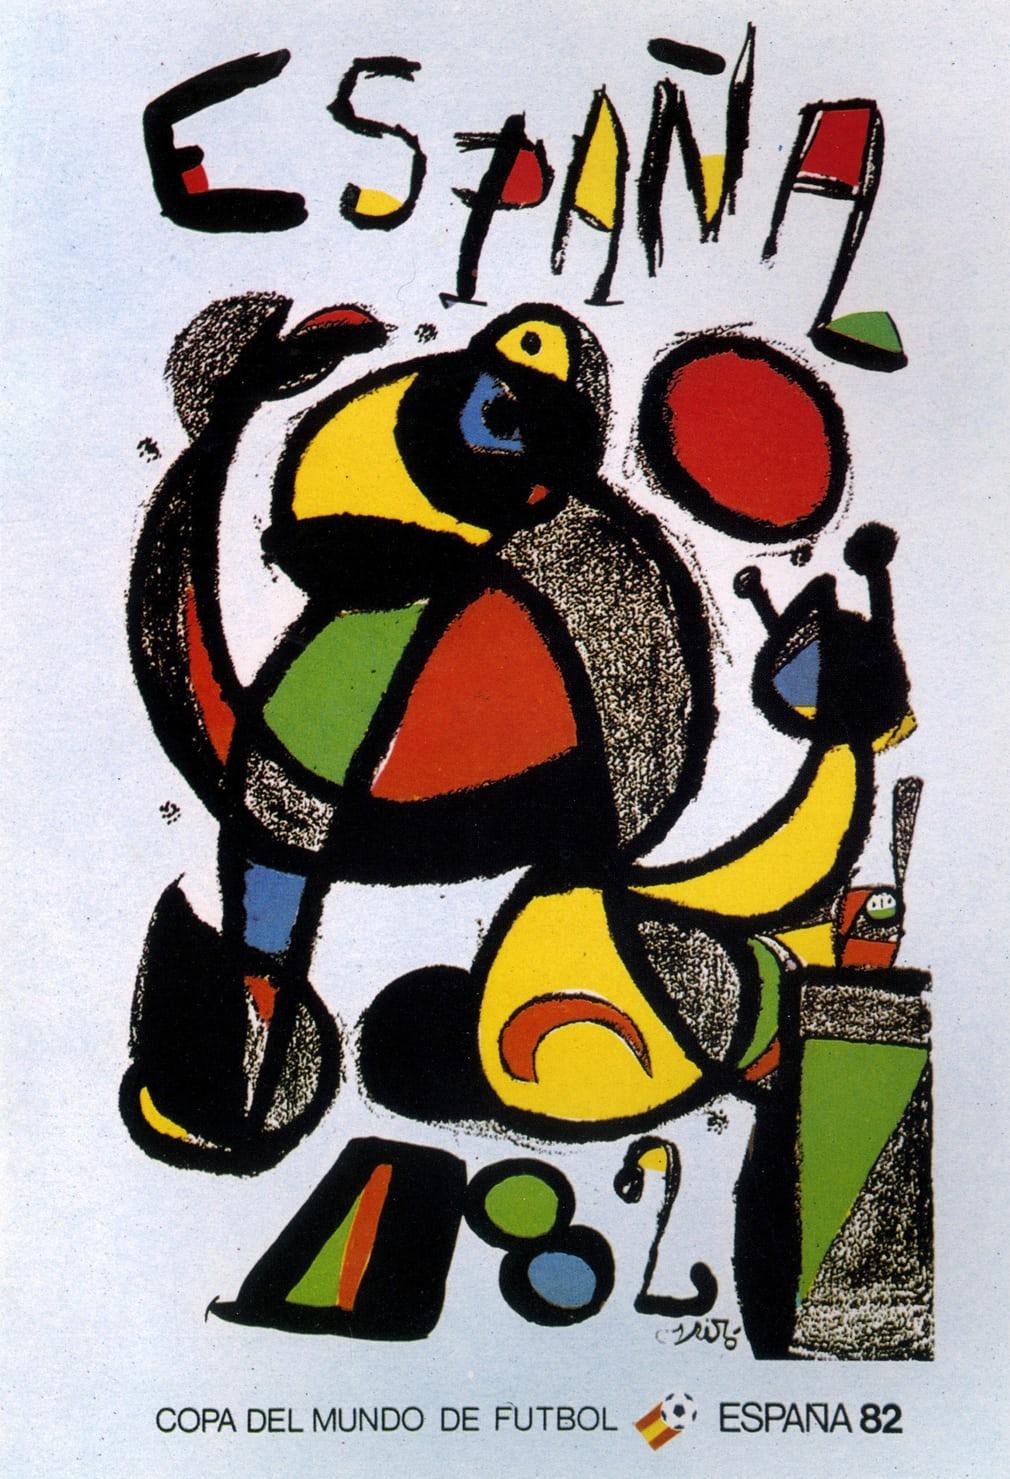 Ισπανία 1982. Σχέδιο από τον μεγάλο ισπανό υπερρεαλιστή ζωγράφο Zουάν Μιρό (μαζί με τον Πικάσο θεωρείται ο πατέρας της μοντέρνας ζωγραφικής) που ξεφεύγει από τα συνηθισμένα